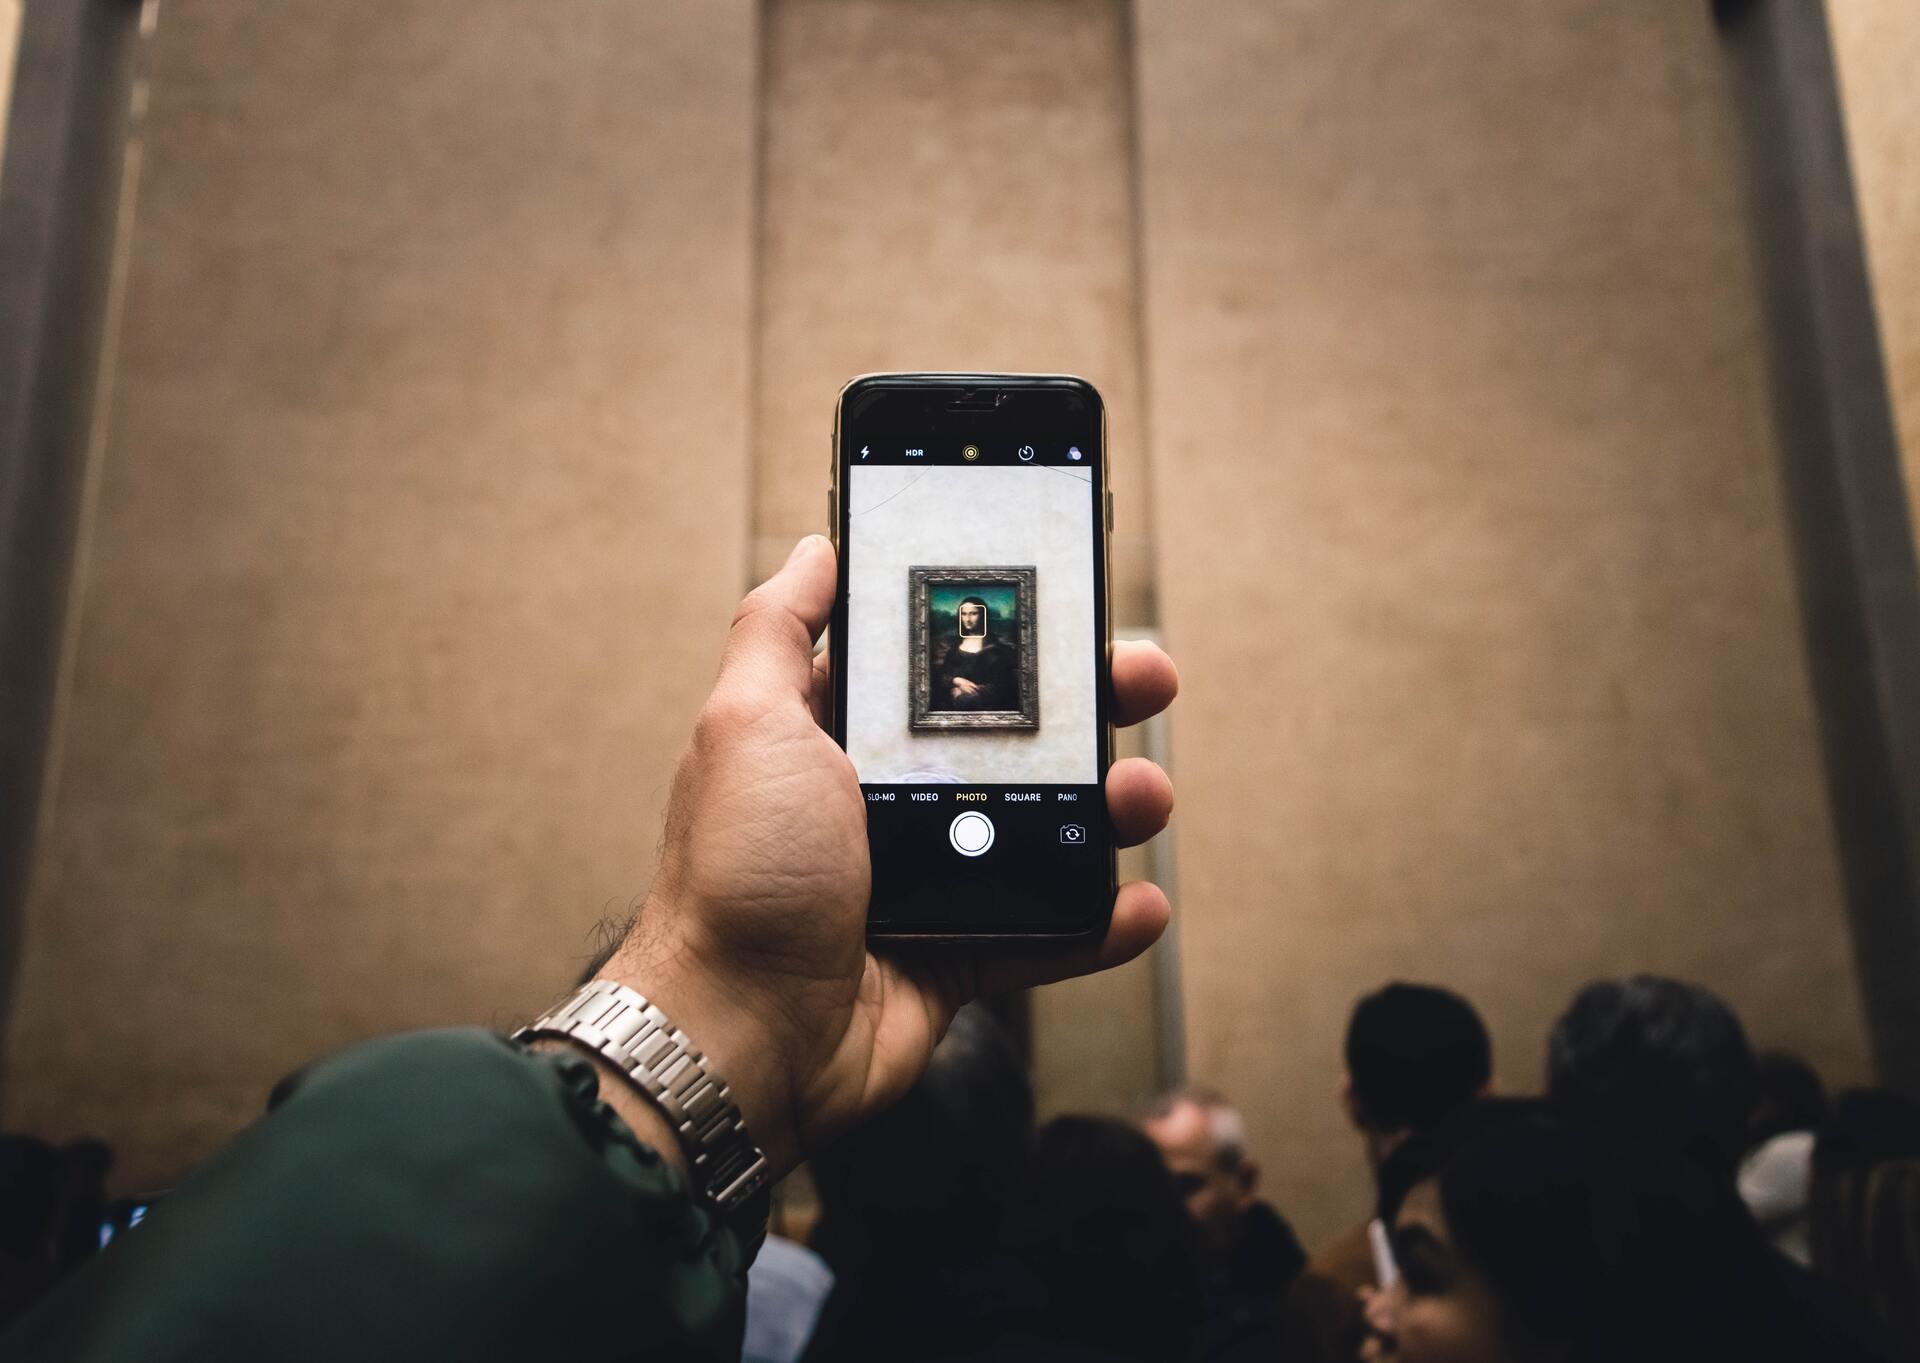 Живописец, скульптор, архитектор, дизайнер, теоретик, инженер и ученый Леонардо да Винчи создал одни из самых известных образов в европейском искусстве